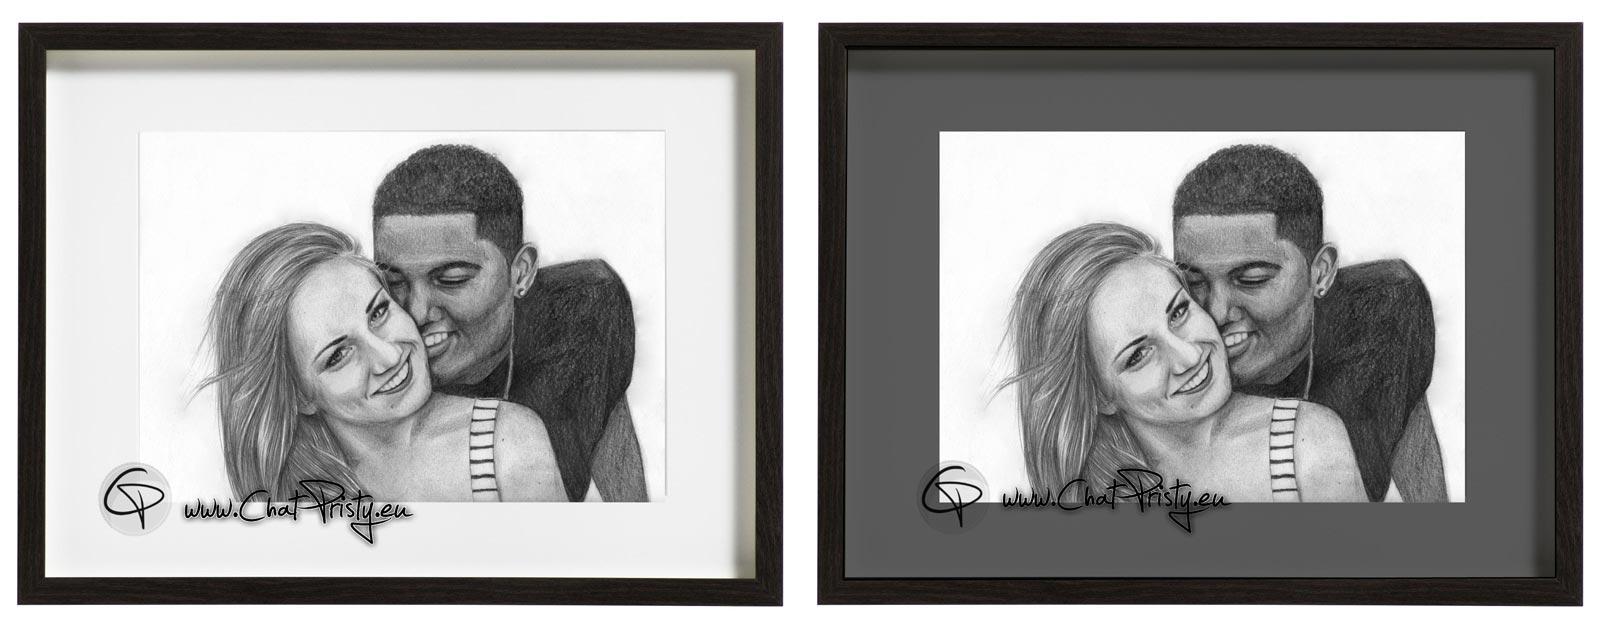 cadre en verre avec le portrait d'un couple de deux personnes dessinées à la main au crayon graphite par Chat Pristy